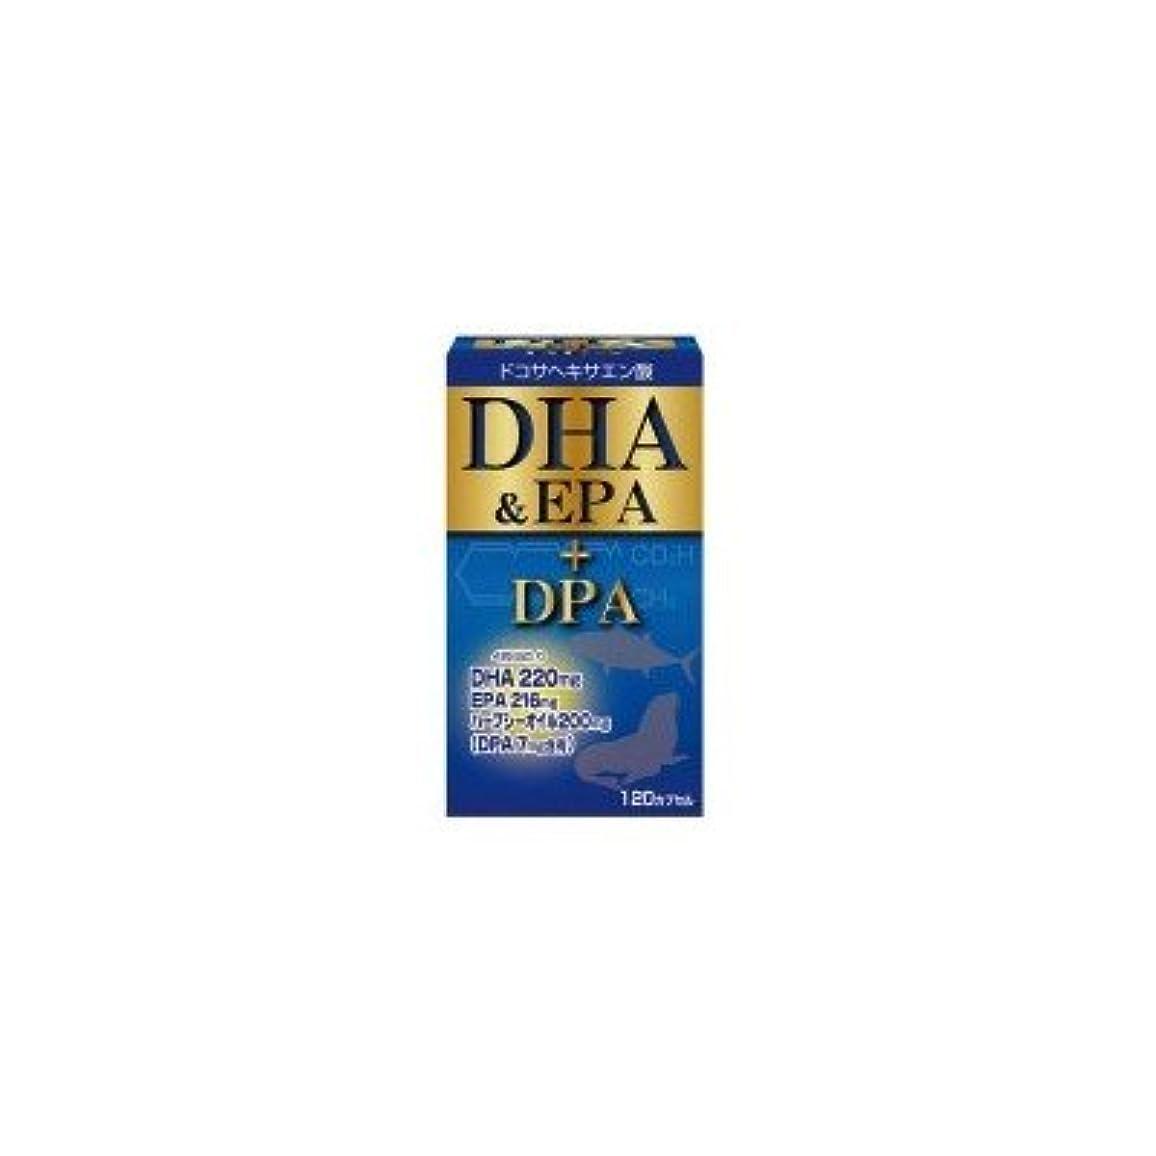 ウォルターカニンガム軍艦ヒゲクジラユーワ DHA&EPA+DPA 120カプセル (品番:3091)